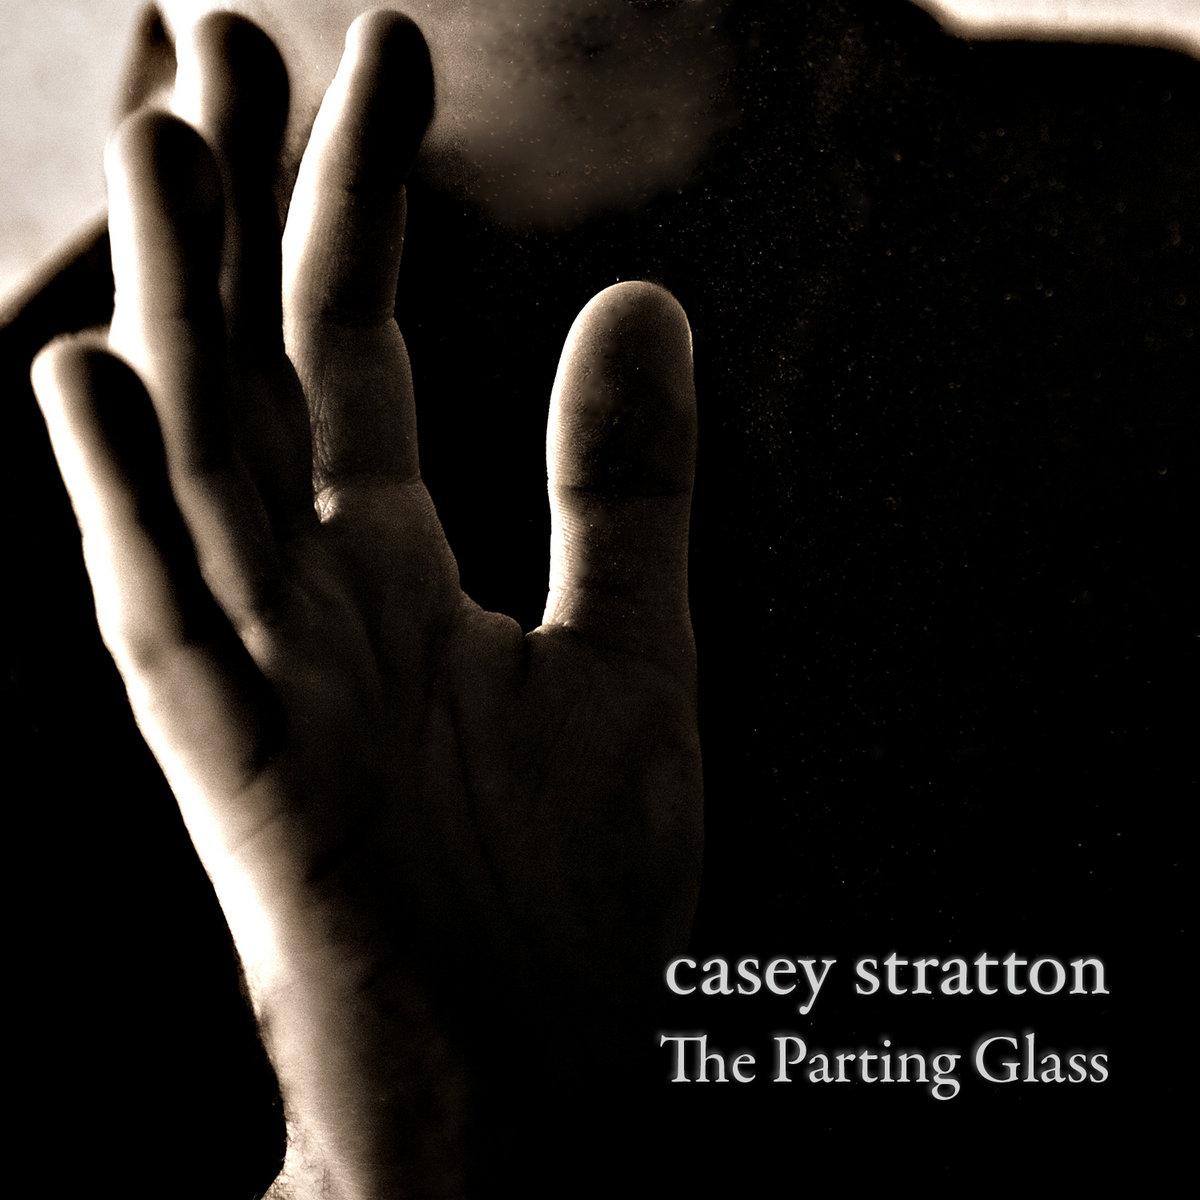 Au Clair De La Lune | Casey Stratton à Clair De La Lune Lyrics